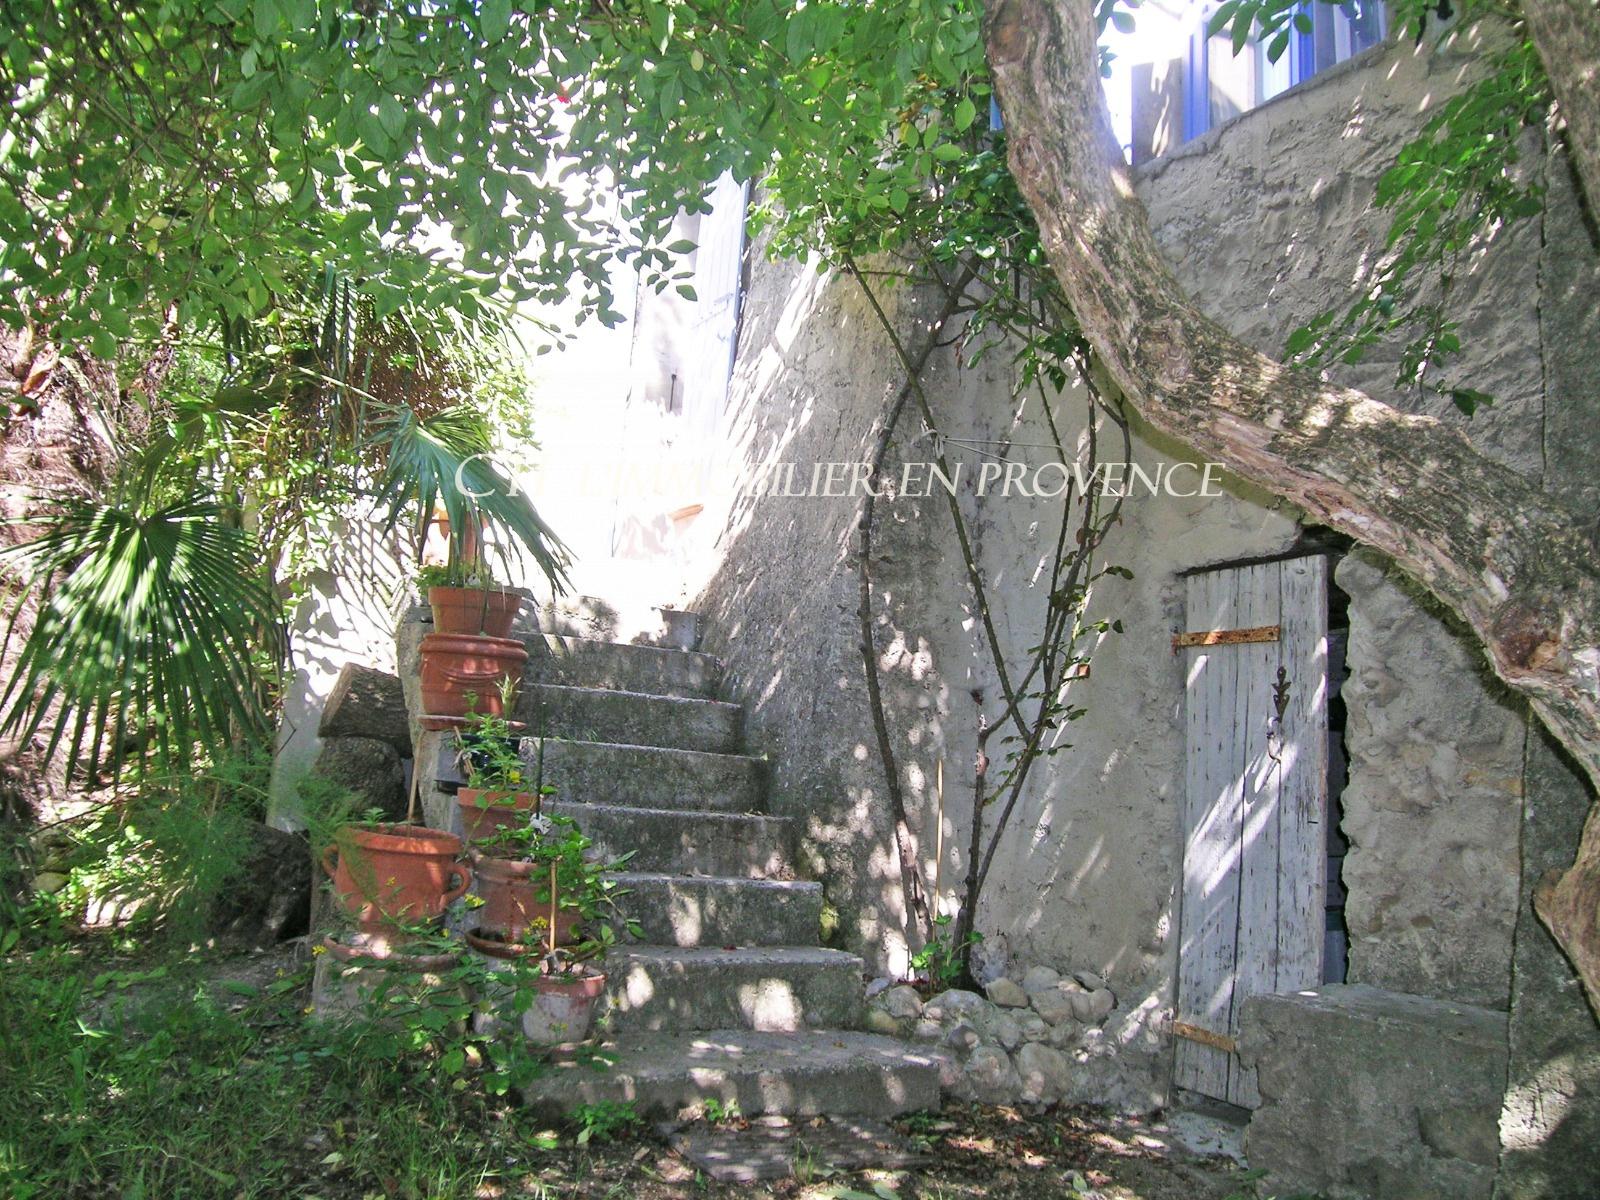 0 www.cti-provence.net, vente maison de village de charme, . S.H 105 m². terrasse, remise, jard